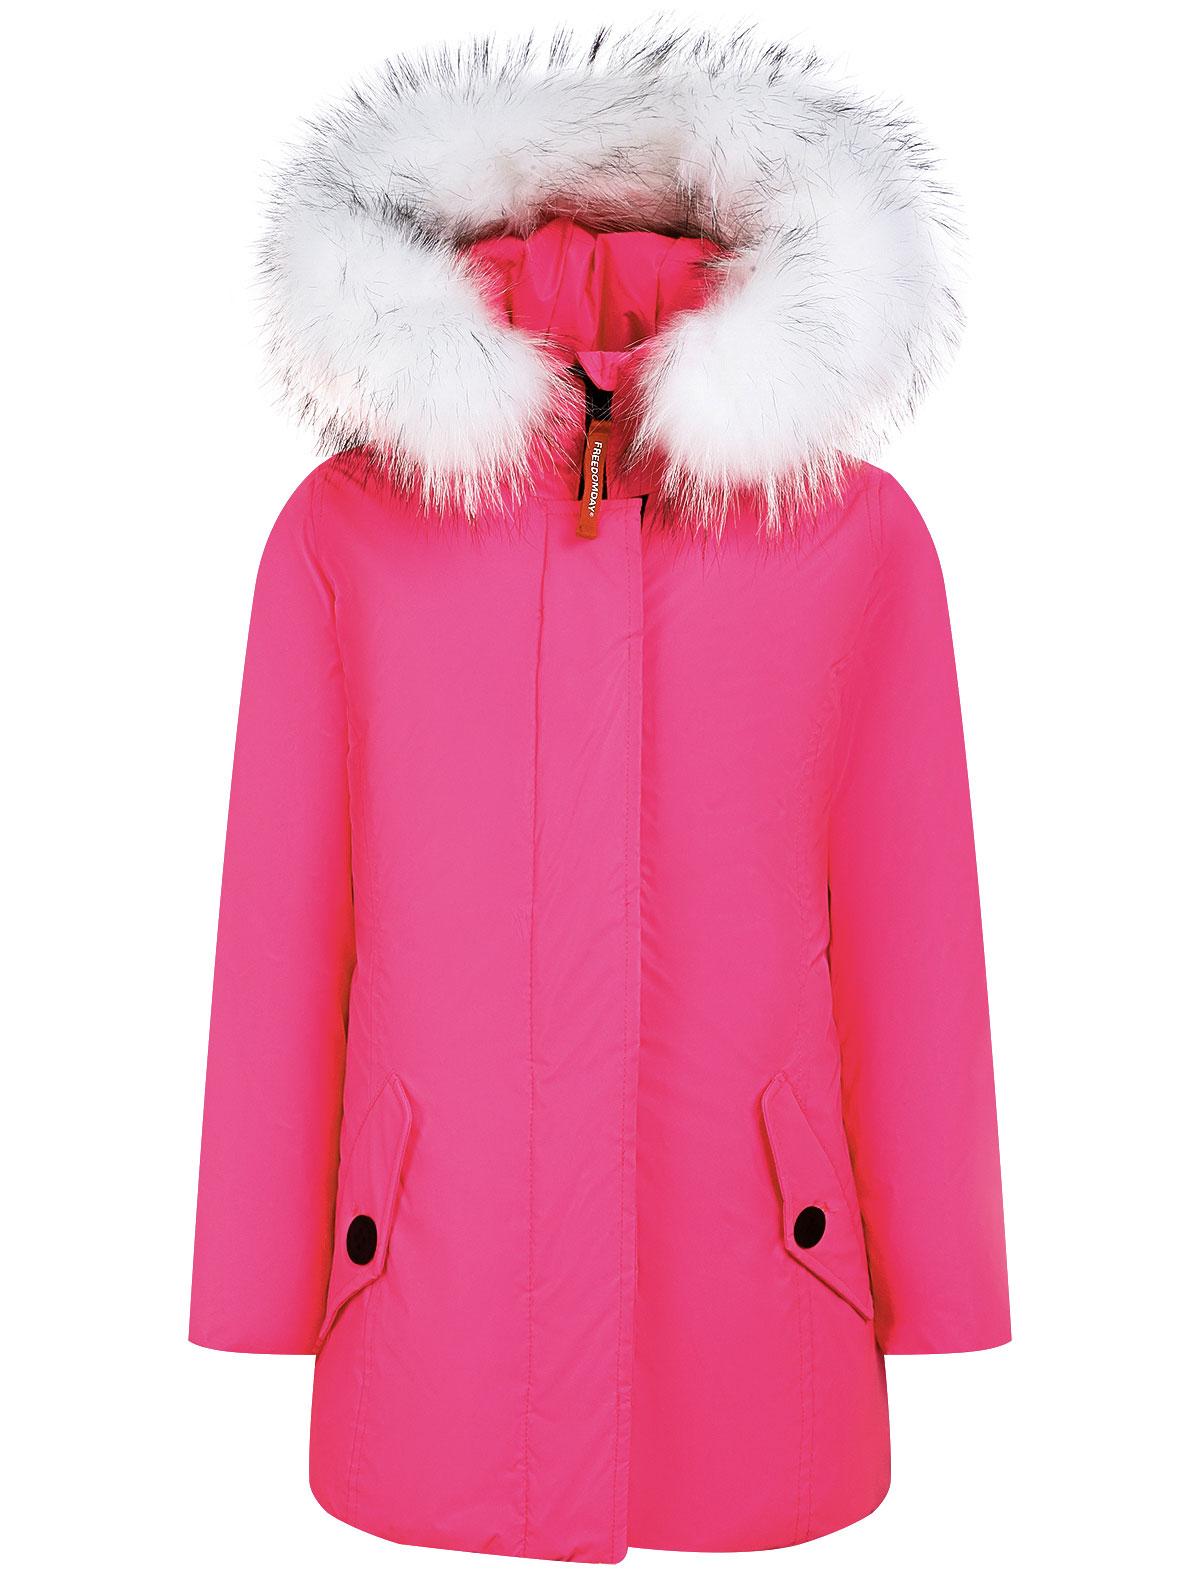 Купить 2243666, Куртка FREEDOMDAY, розовый, Женский, 1074509082668